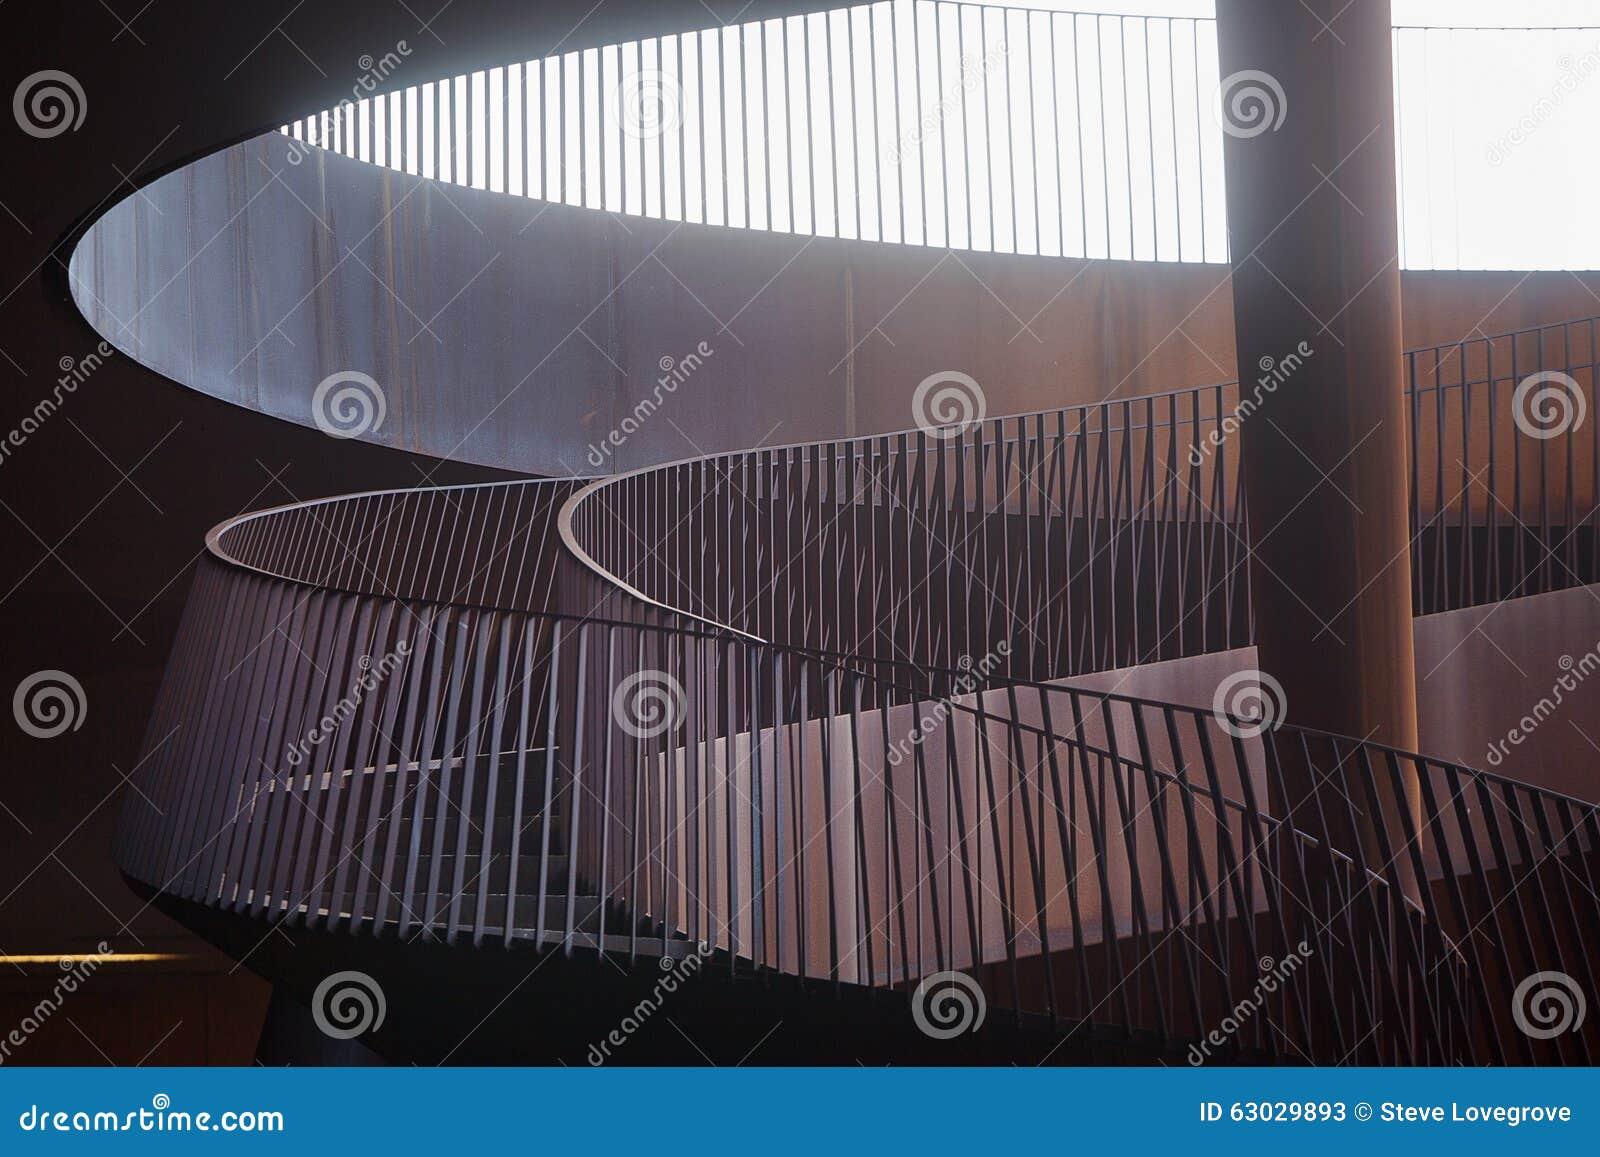 Modern Architecture In Italy modren modern architecture in italy villaarchitrend 17